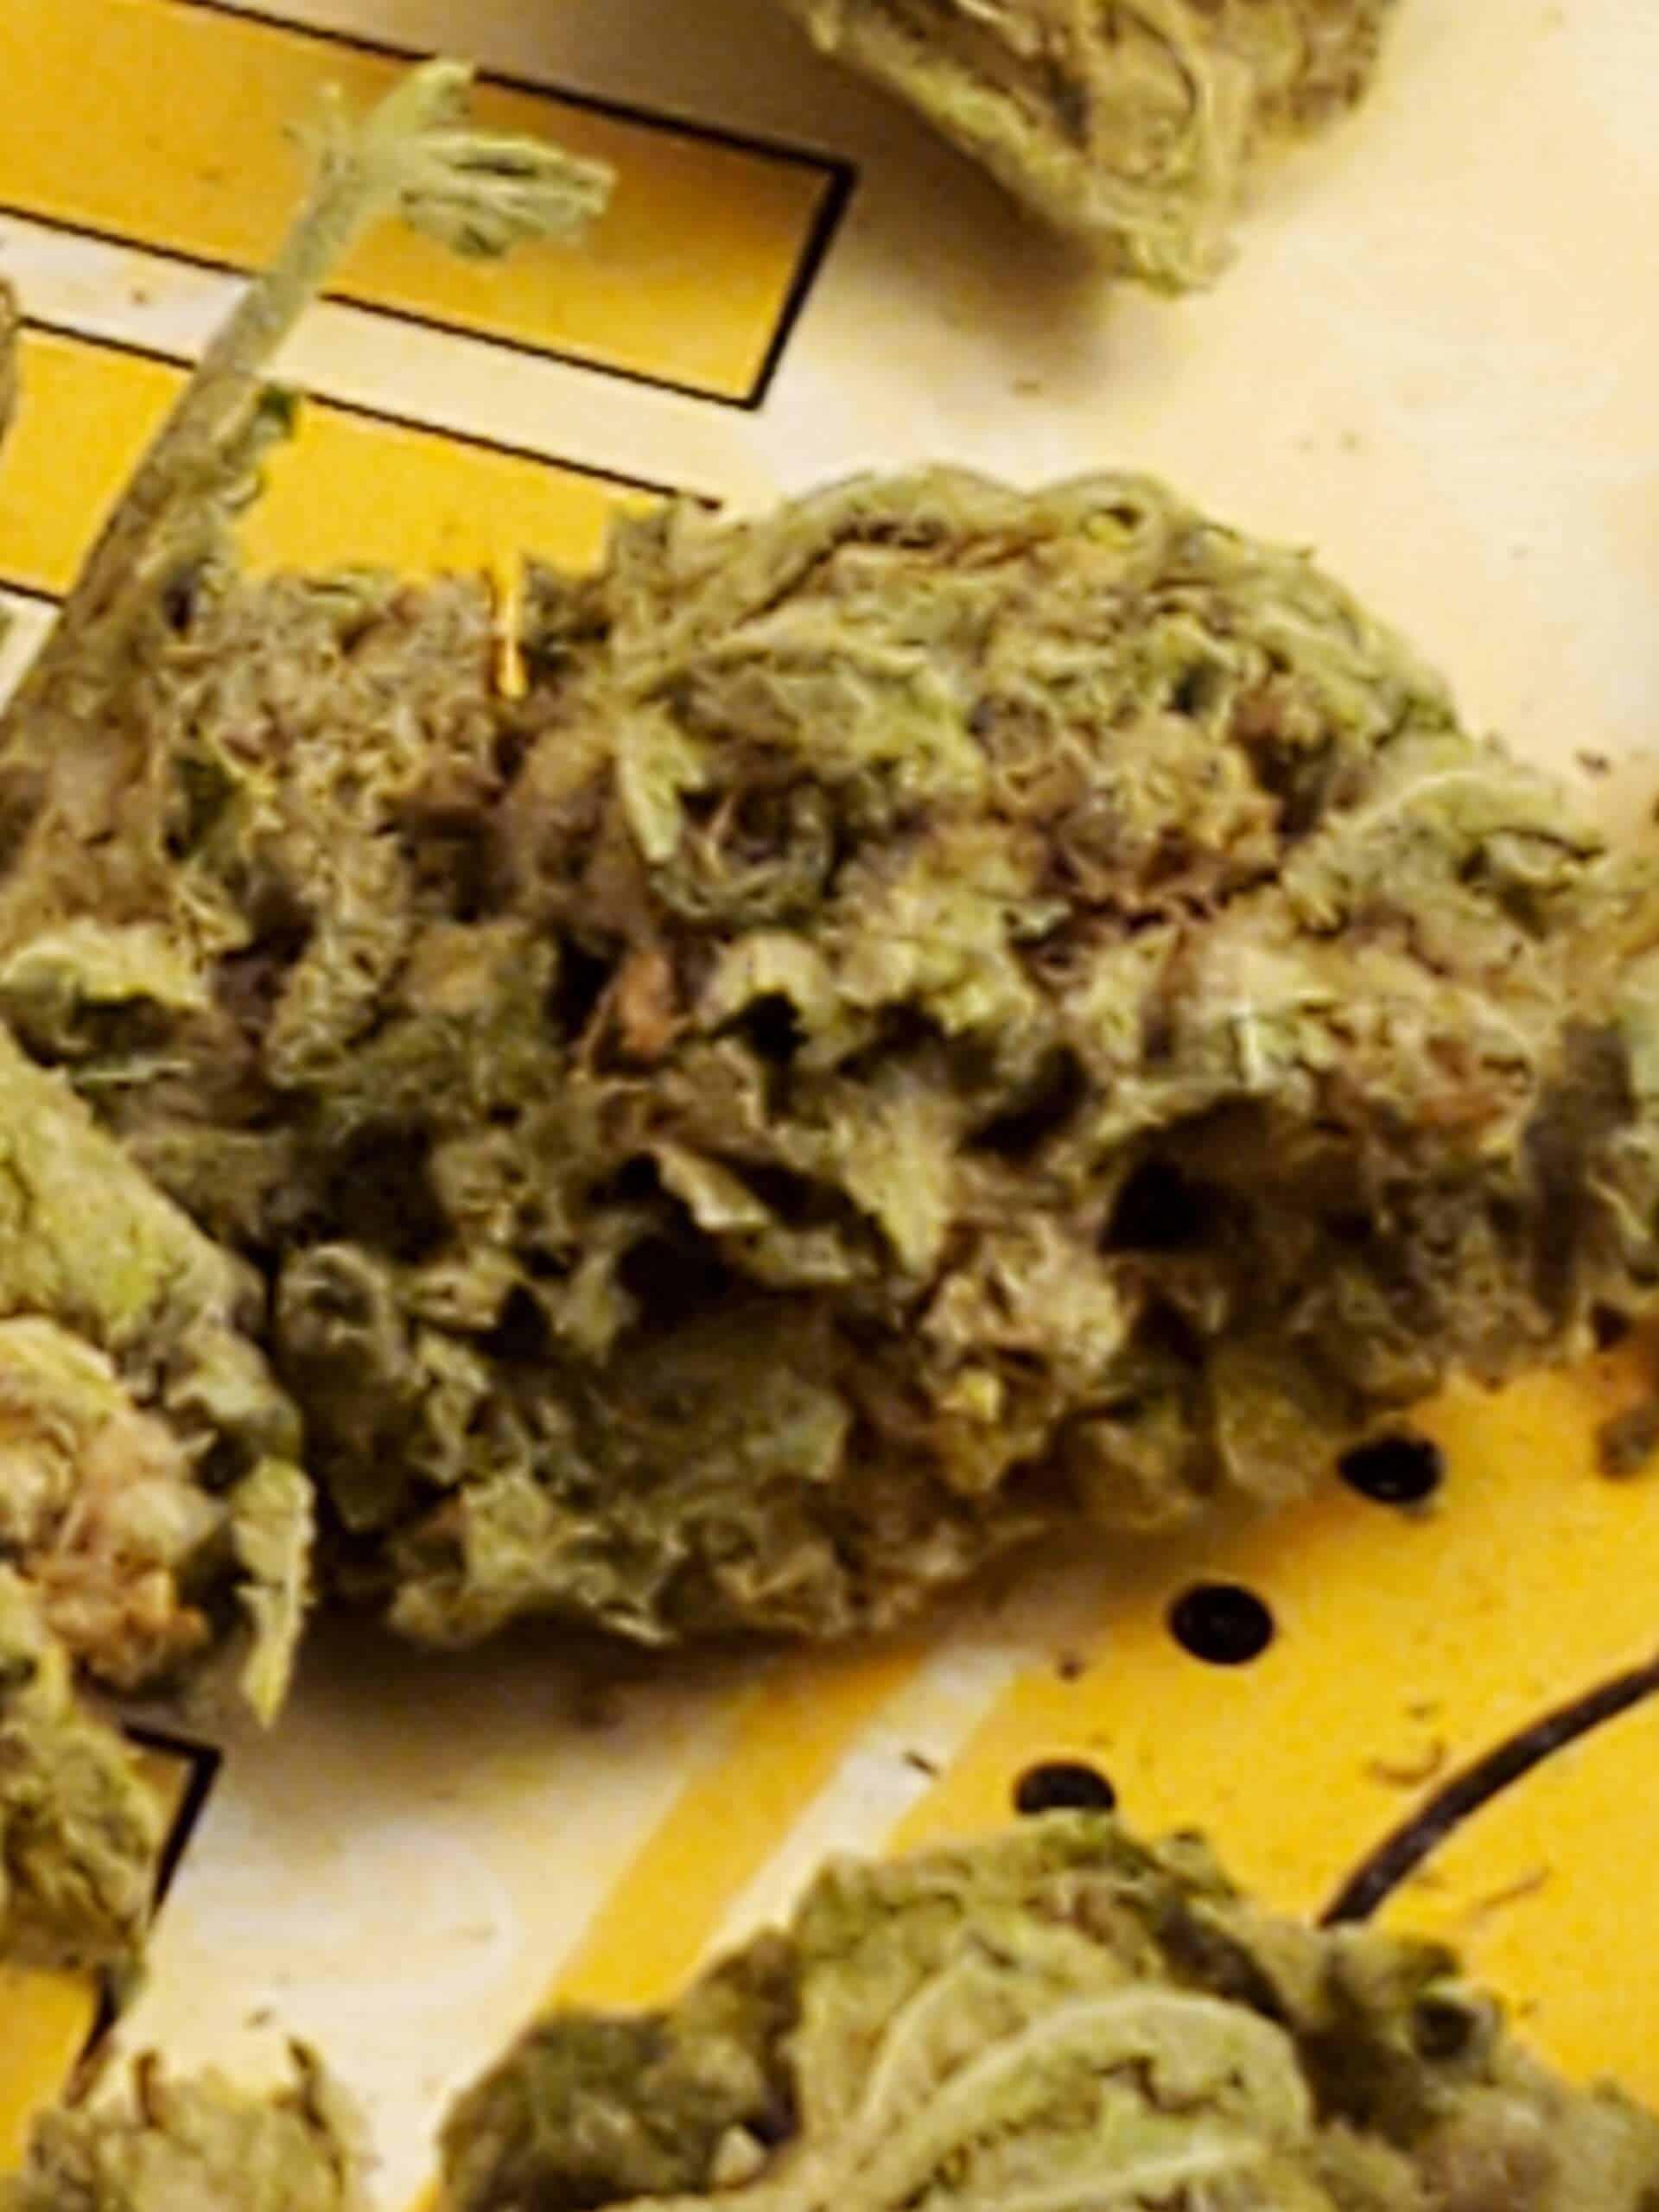 cannabis homegrow